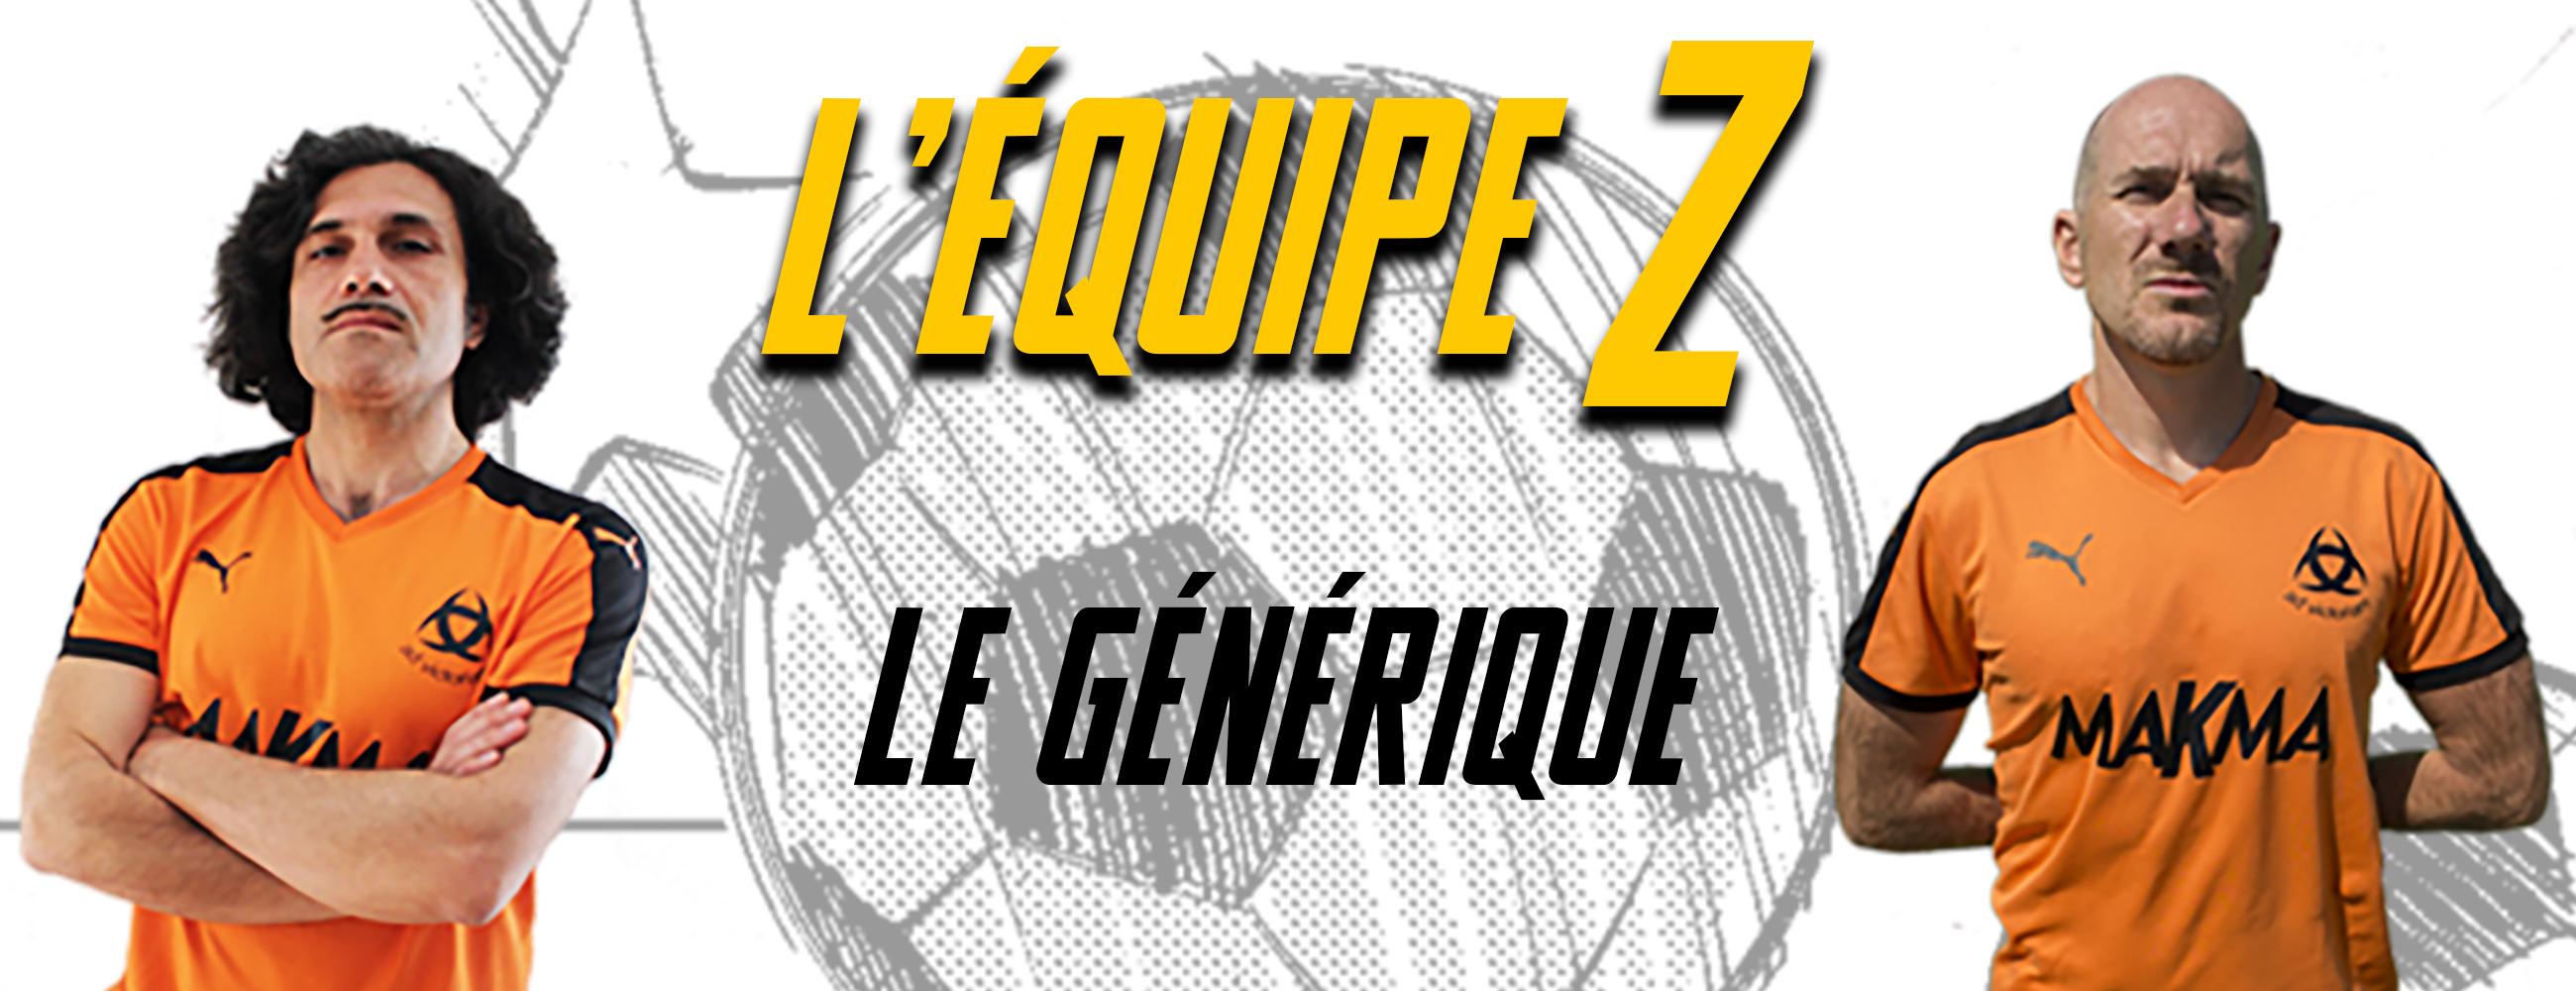 Le générique de L'équipe Z est issu d'une collaboration Geyster & Tourriol.